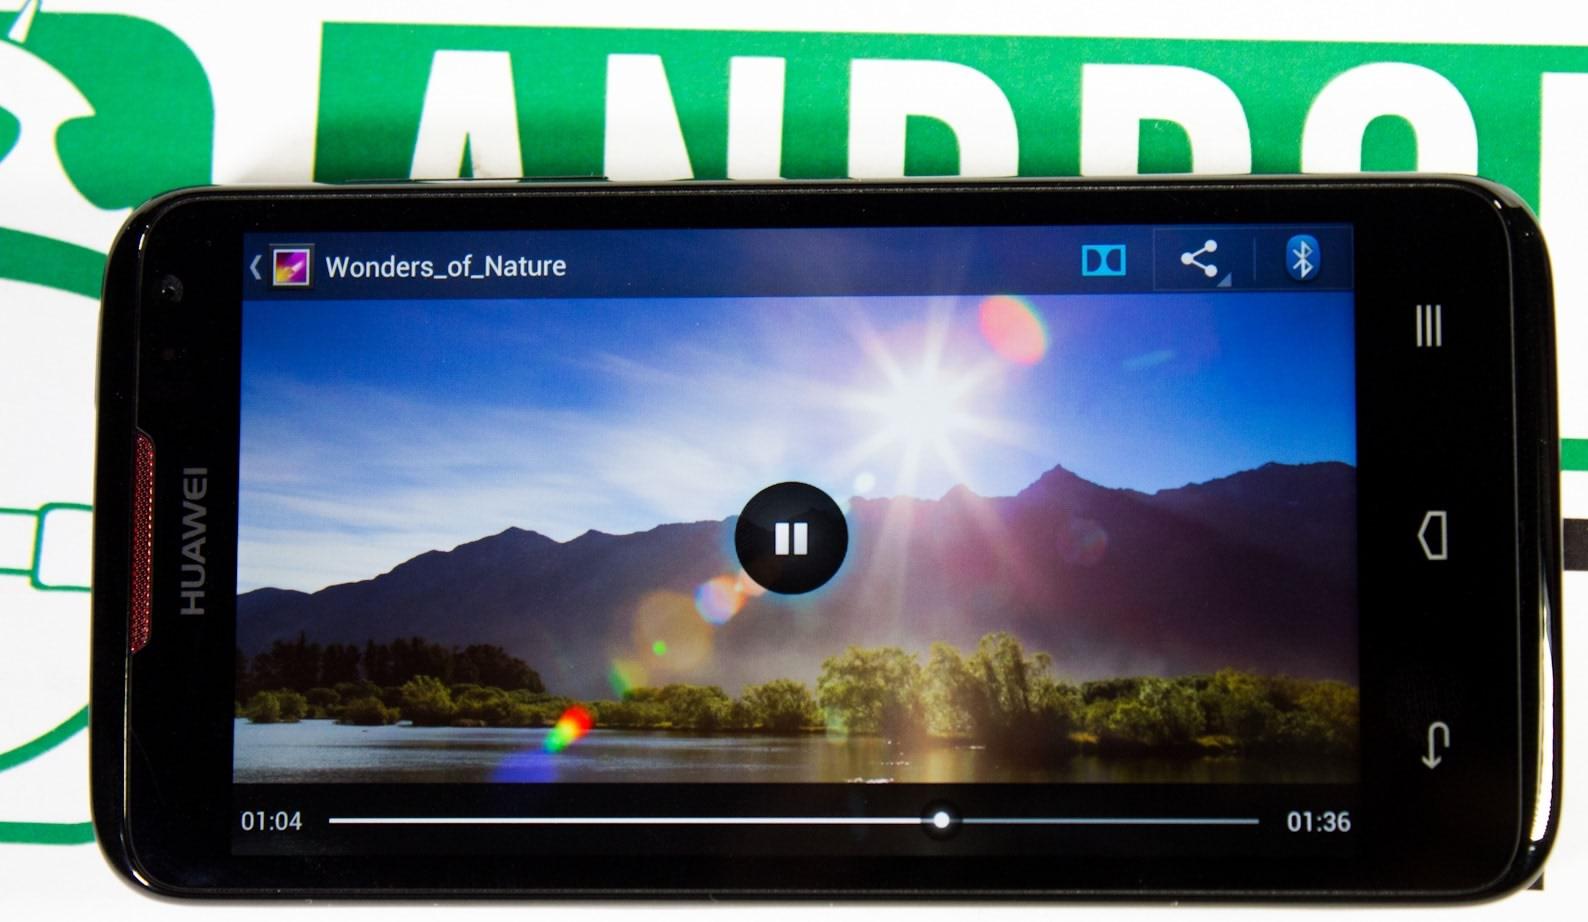 دانلود ویدیو پلیر رسمی هواوی برای اندروید Huawei Video android